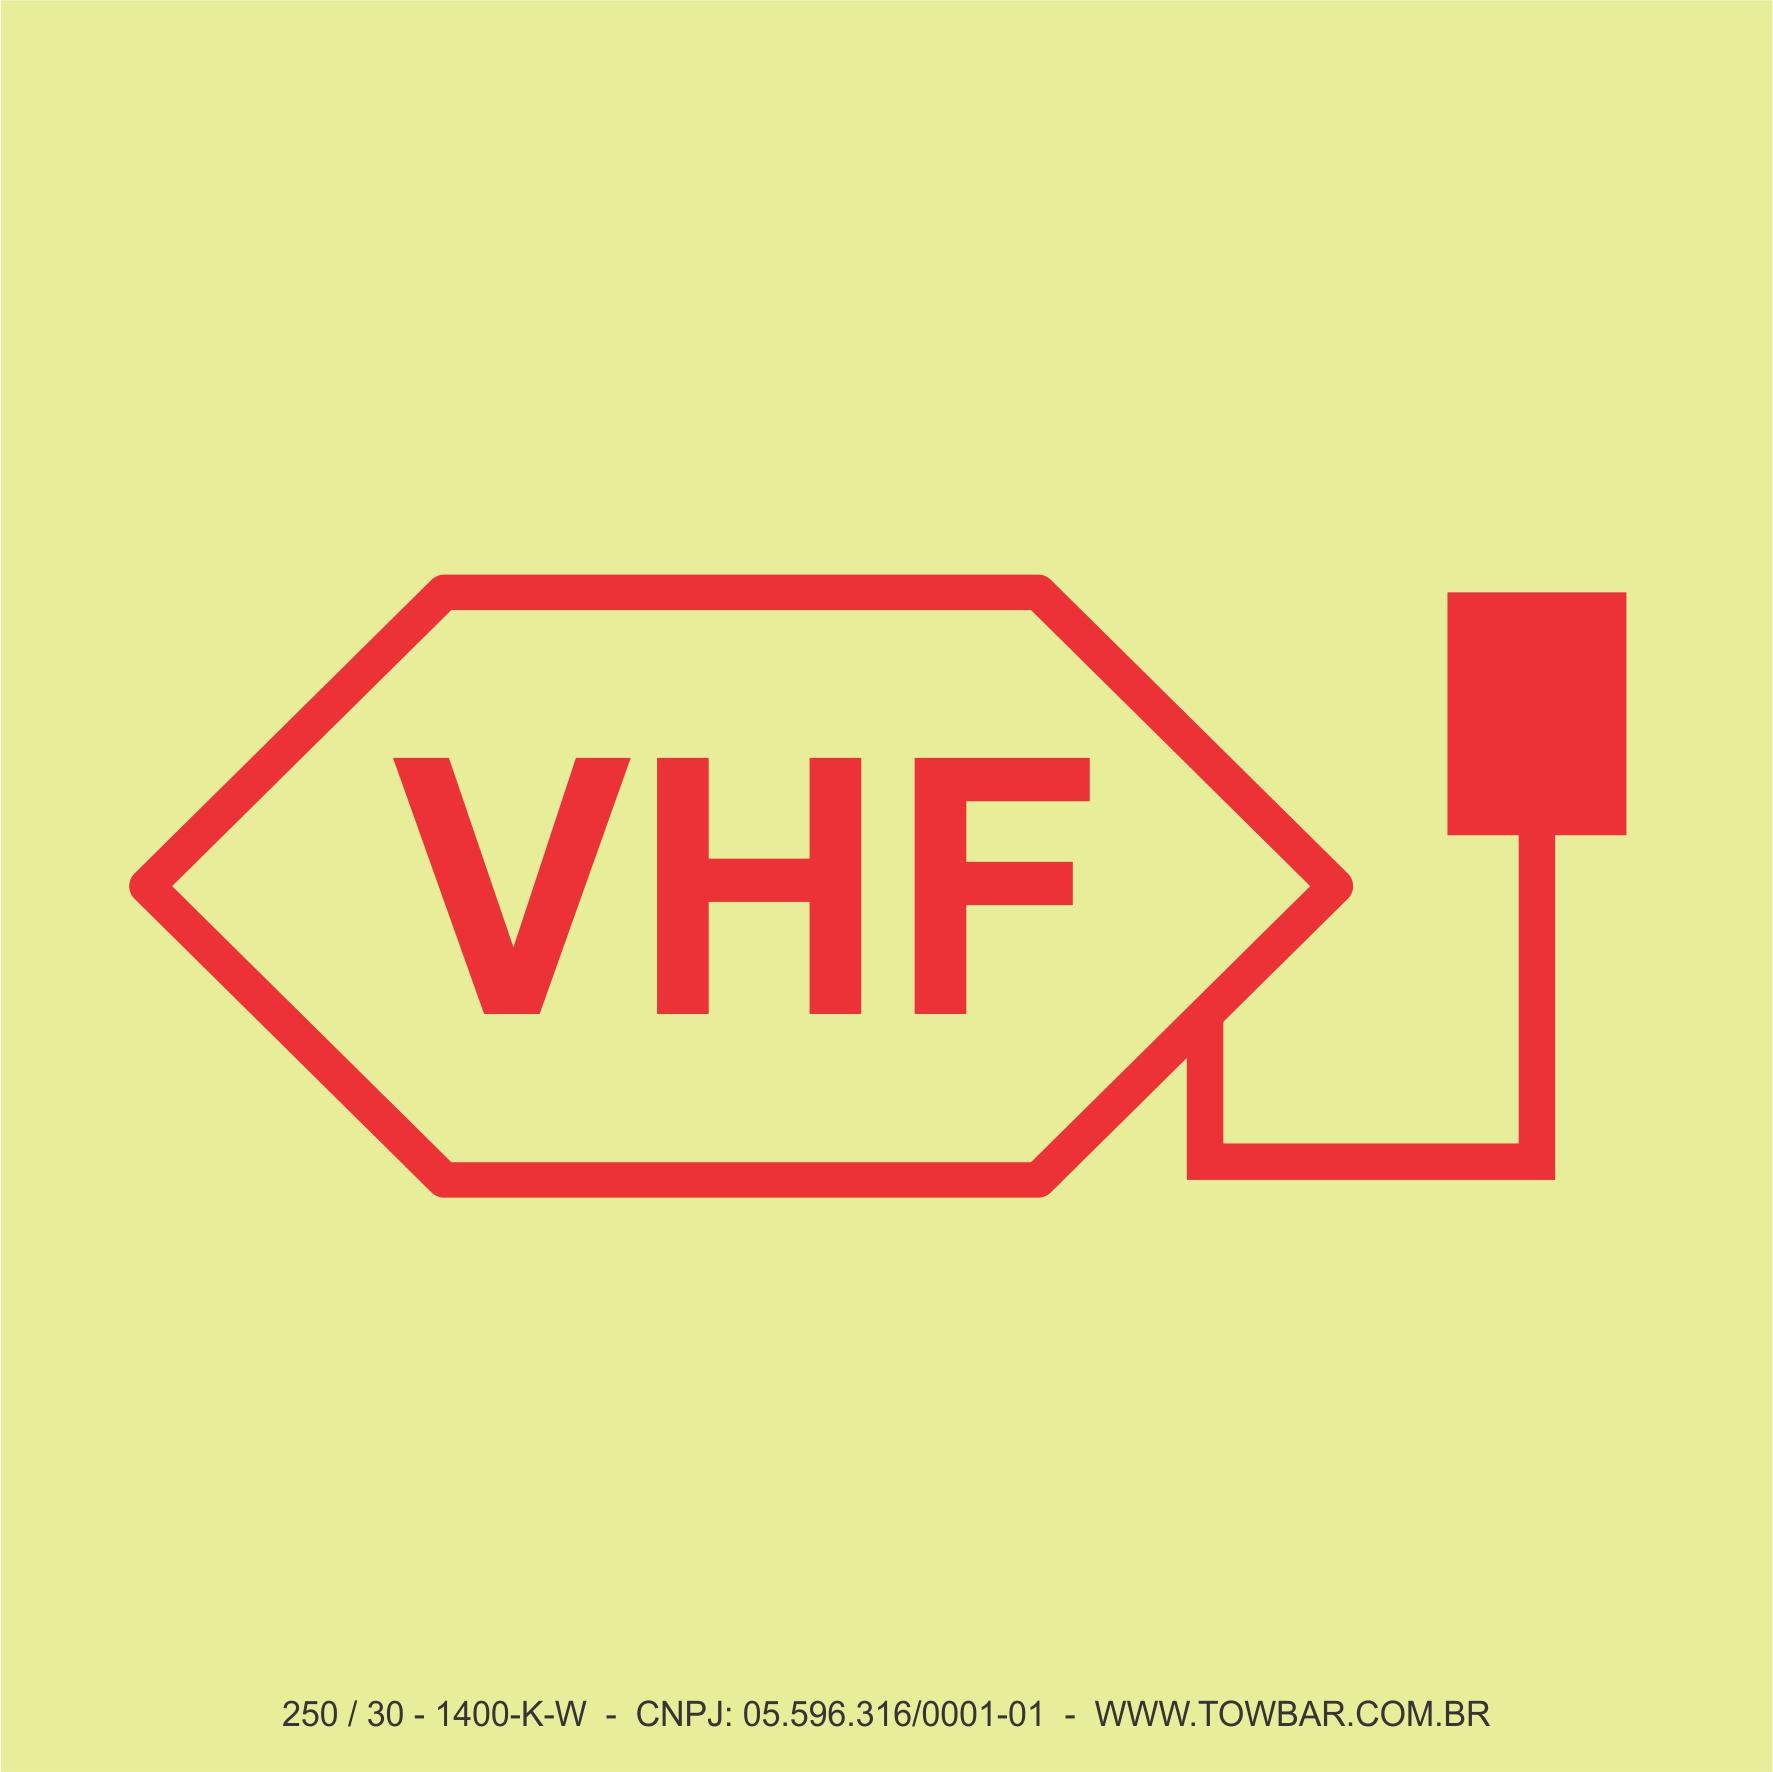 Rádio VHF  - Towbar Sinalização de Segurança